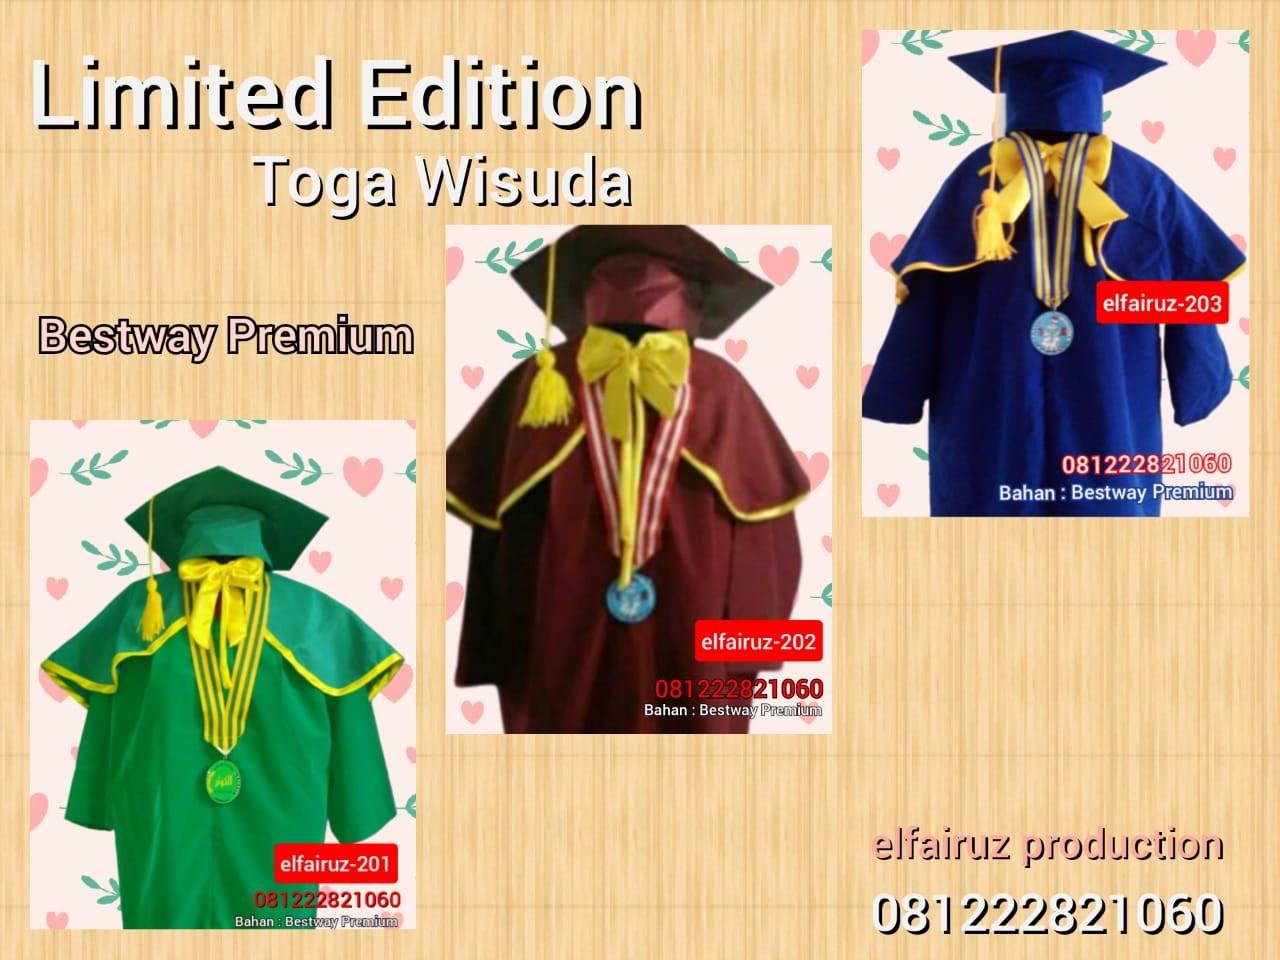 jual seragam sekolah tk  Tangerang Banten